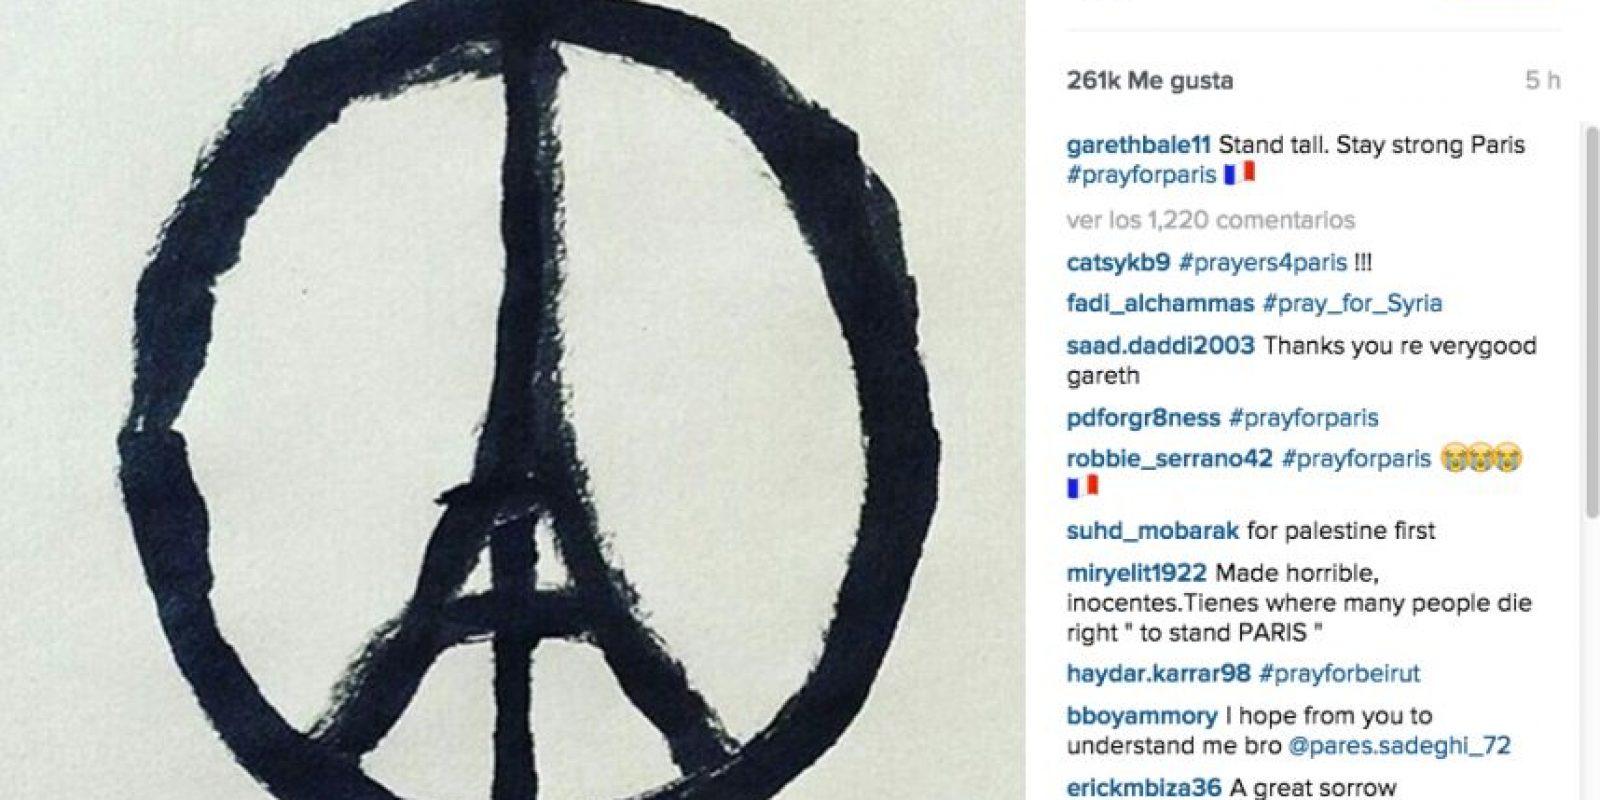 Gareth Bale: Ponte de pie. Mantente fuerte, París. Foto:Vía instagram.com/garethbale11